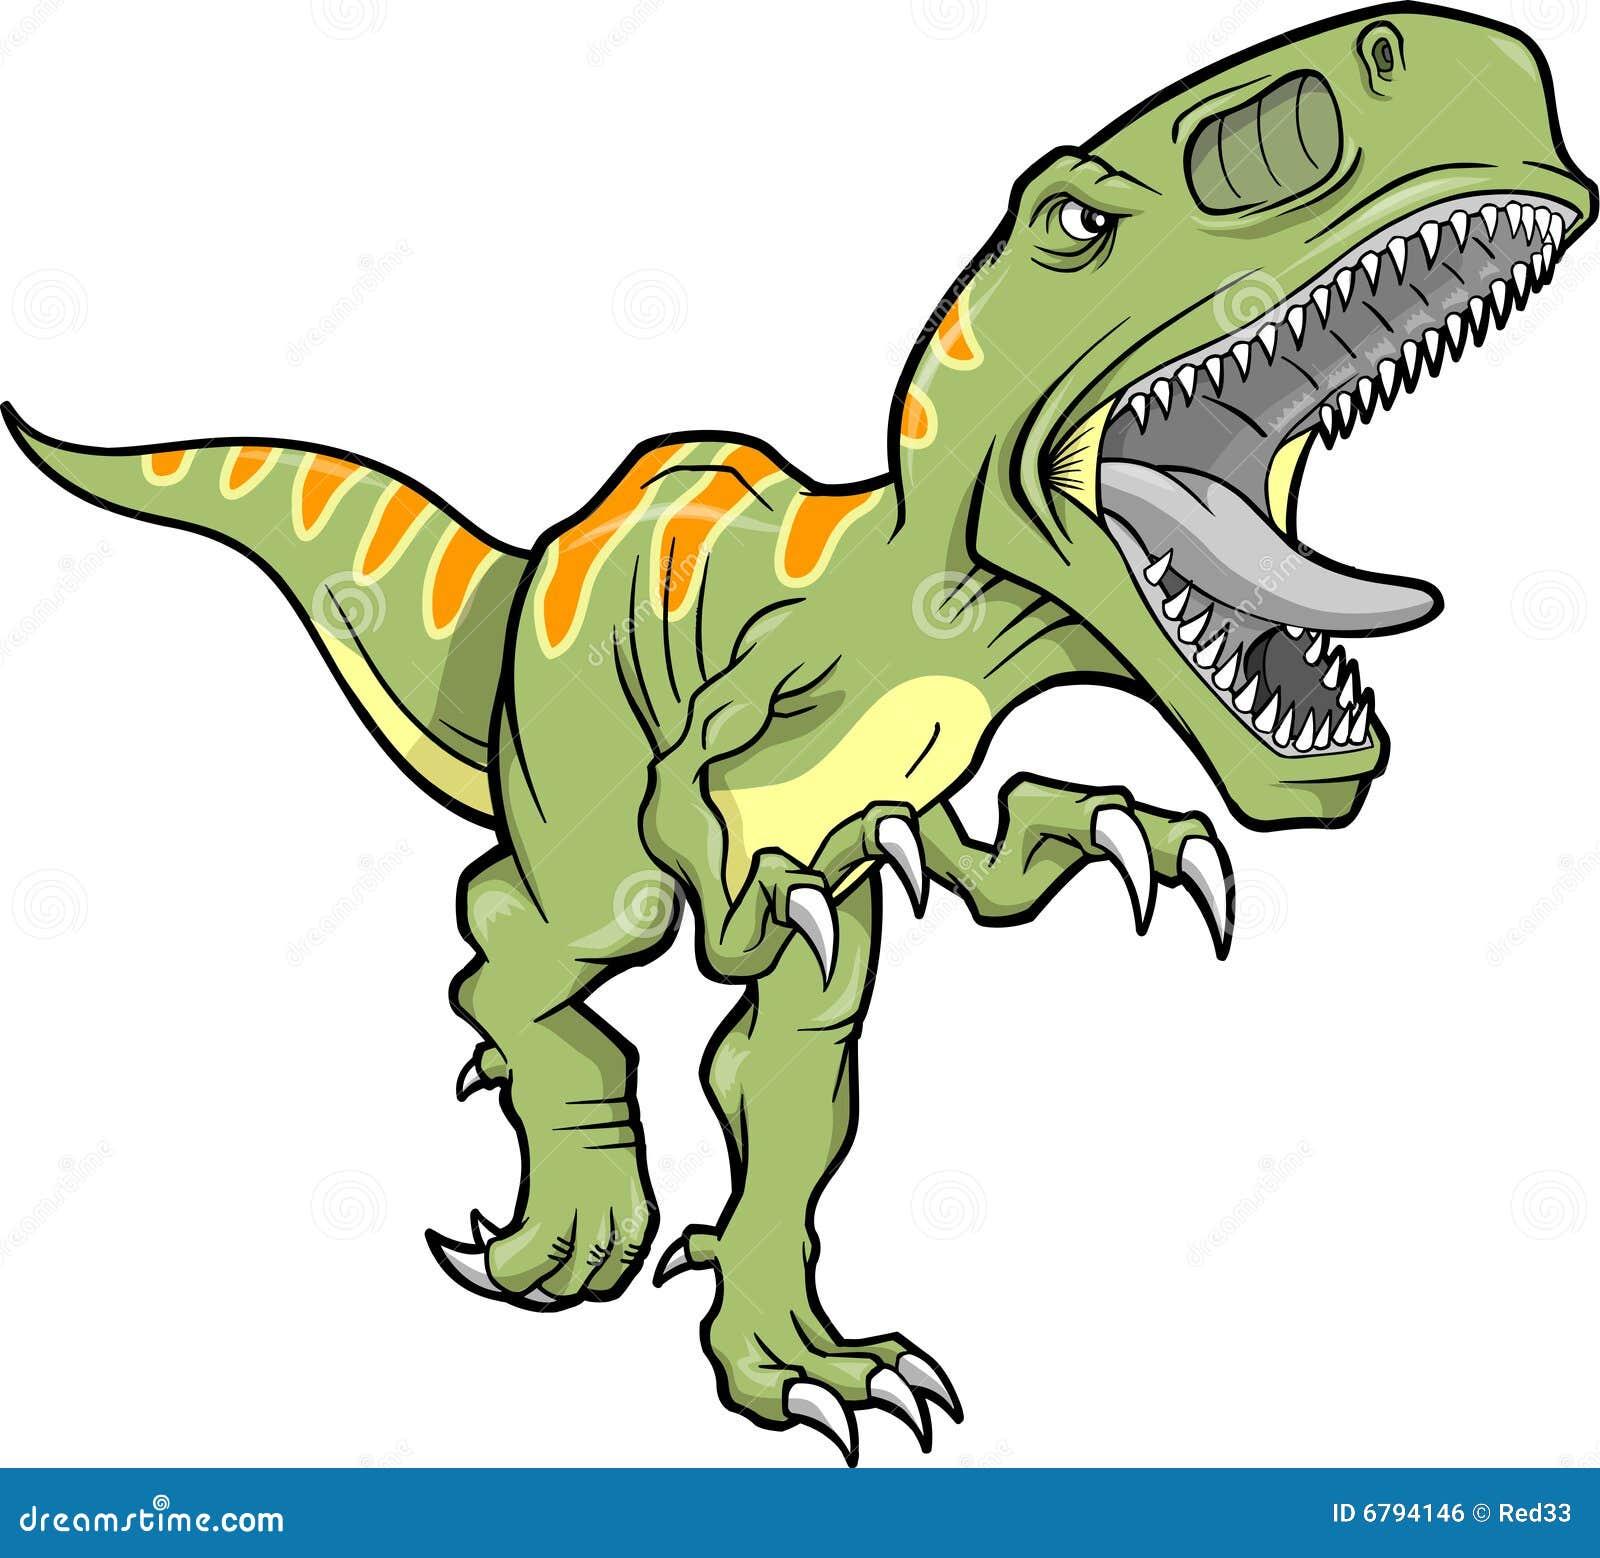 dinosaur teeth clipart - photo #31